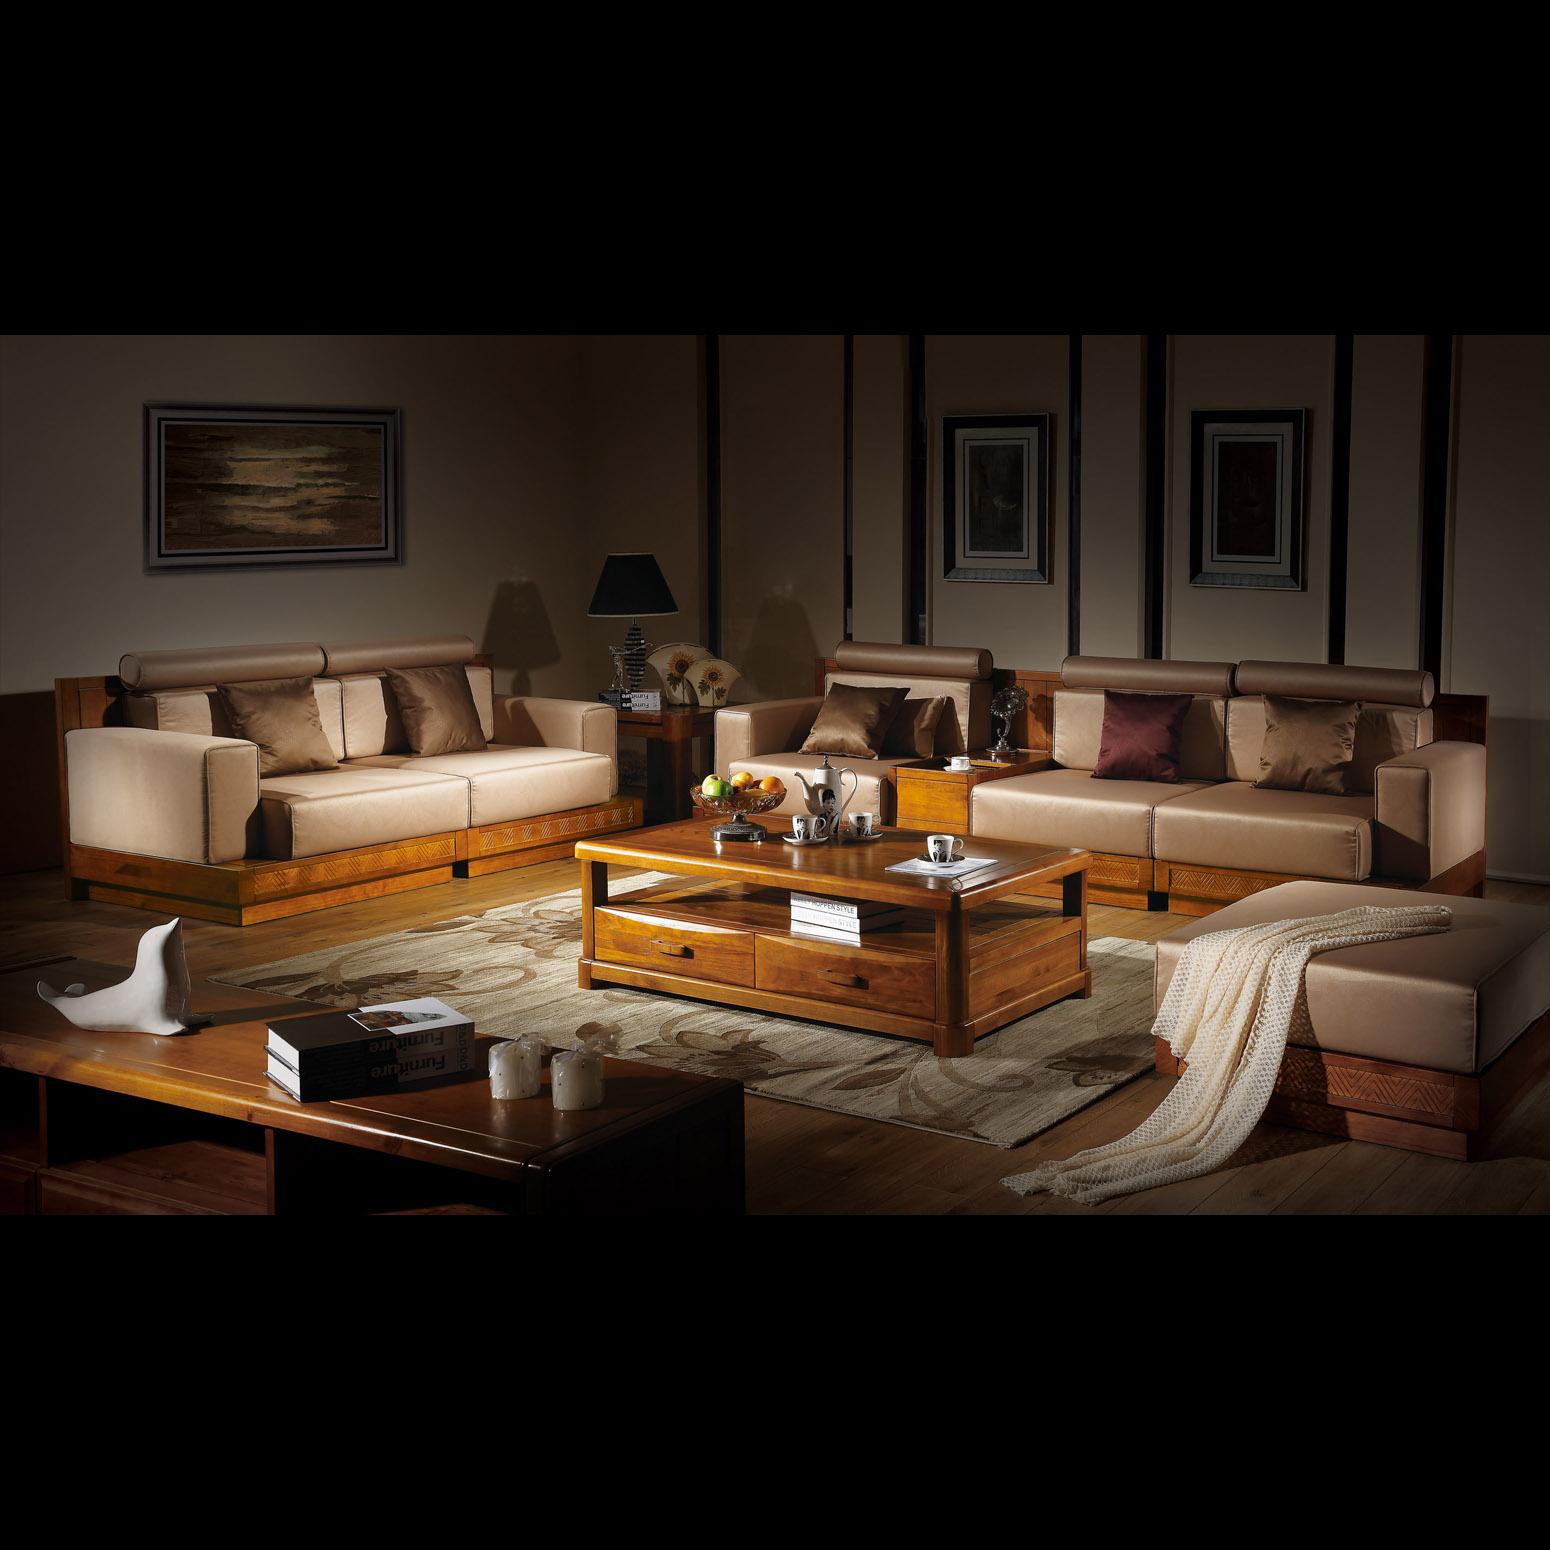 现代简约家具_全实木纯原木简约现代中式客厅家具小户型布艺拆洗宜家沙发组合